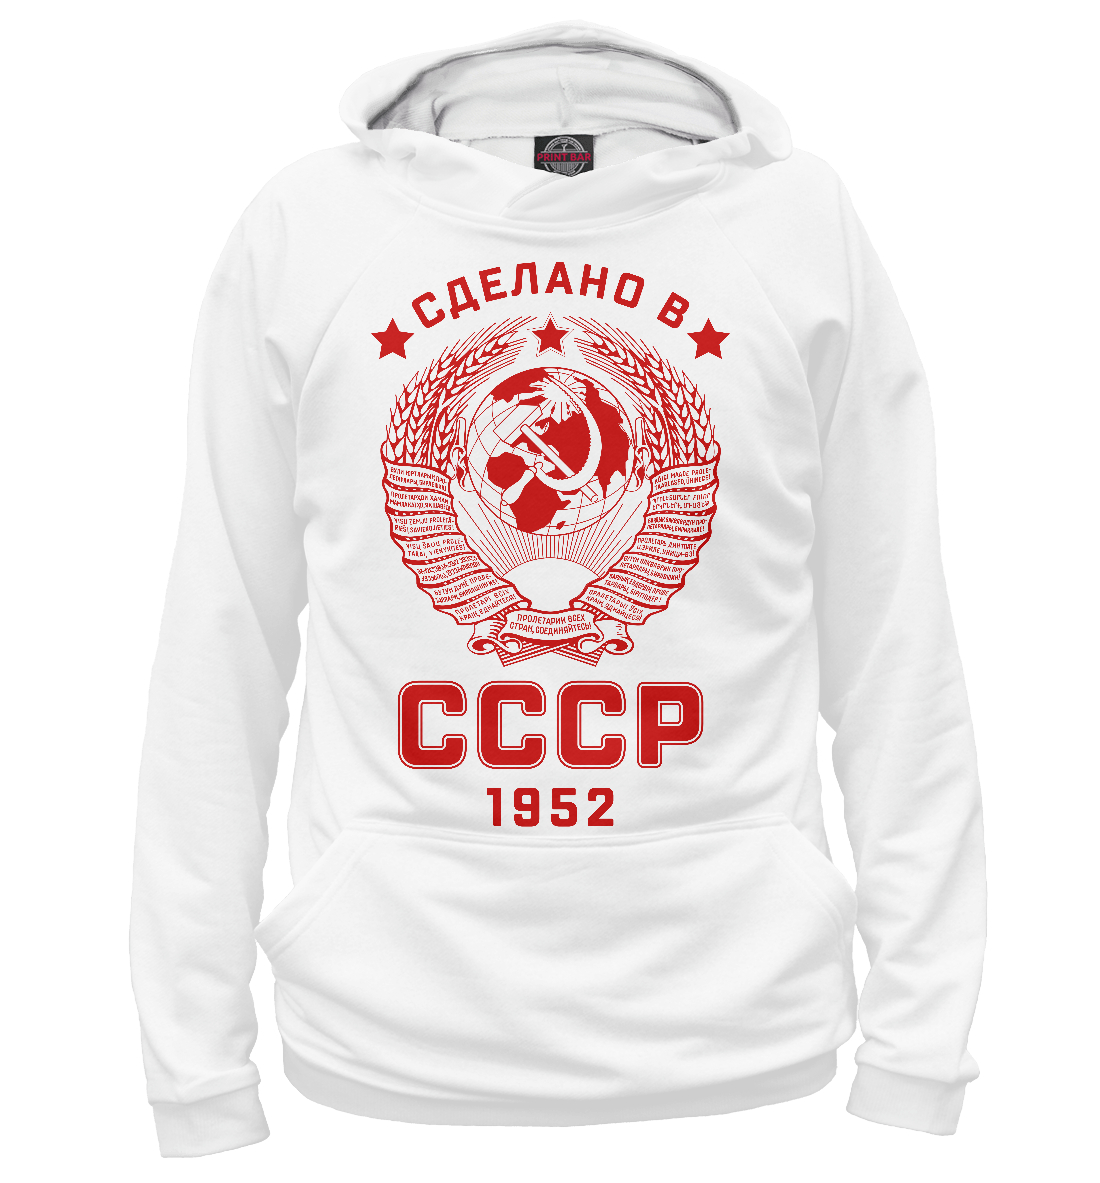 Купить Сделано в СССР - 1952, Printbar, Худи, RZP-825183-hud-1